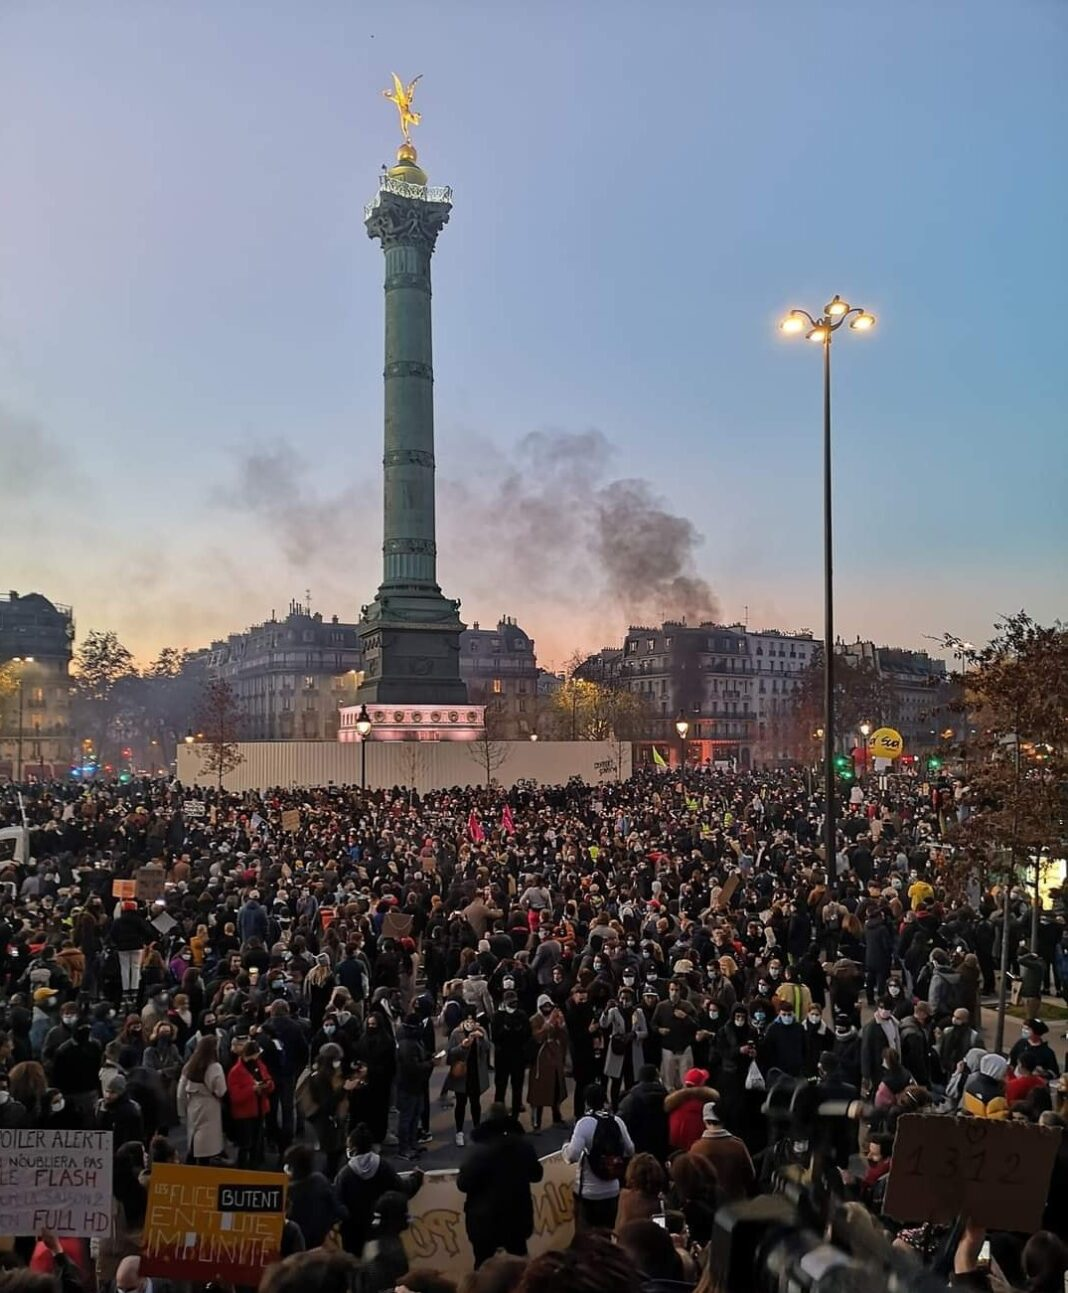 Il popolo francese contro la legge sulla sicurezza globale. La marcia e le proteste da Parigi alle principali città della nazione